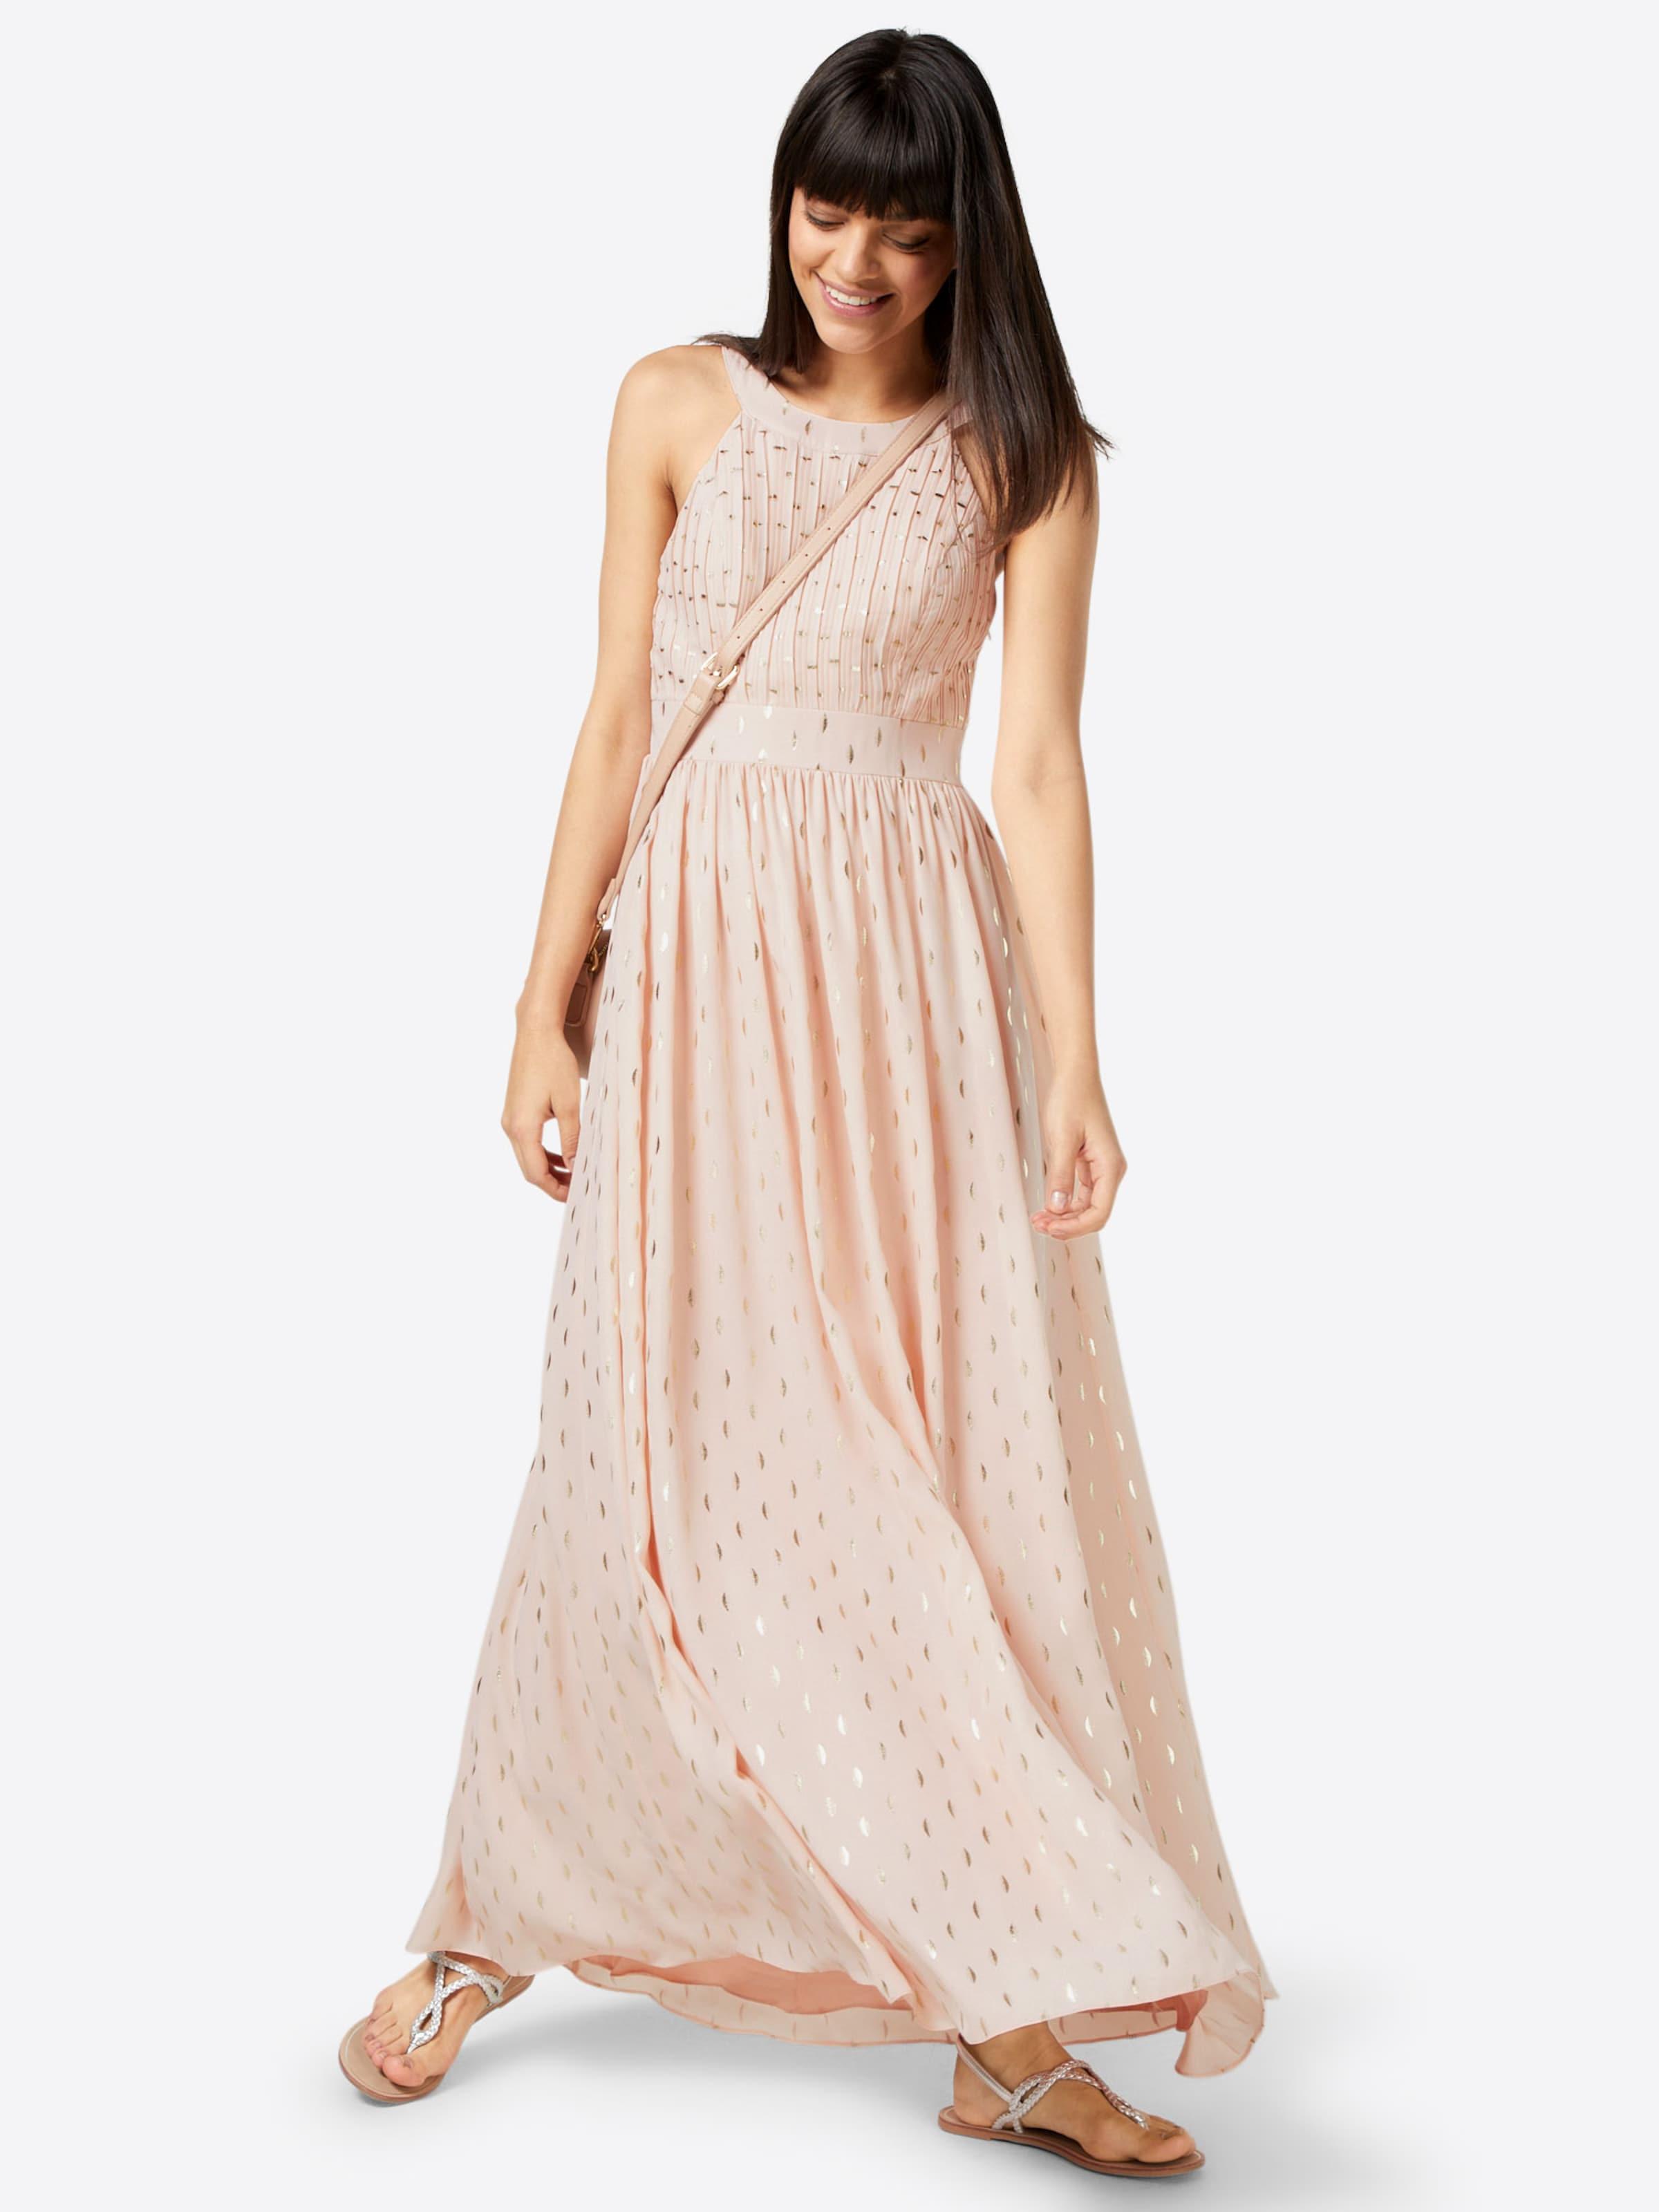 Große Überraschung Online Billige Footaction Kaffe Kleid 'Luxy Dress' Verkauf Versorgung 100% Authentisch Verkauf Online PKUw0K48X